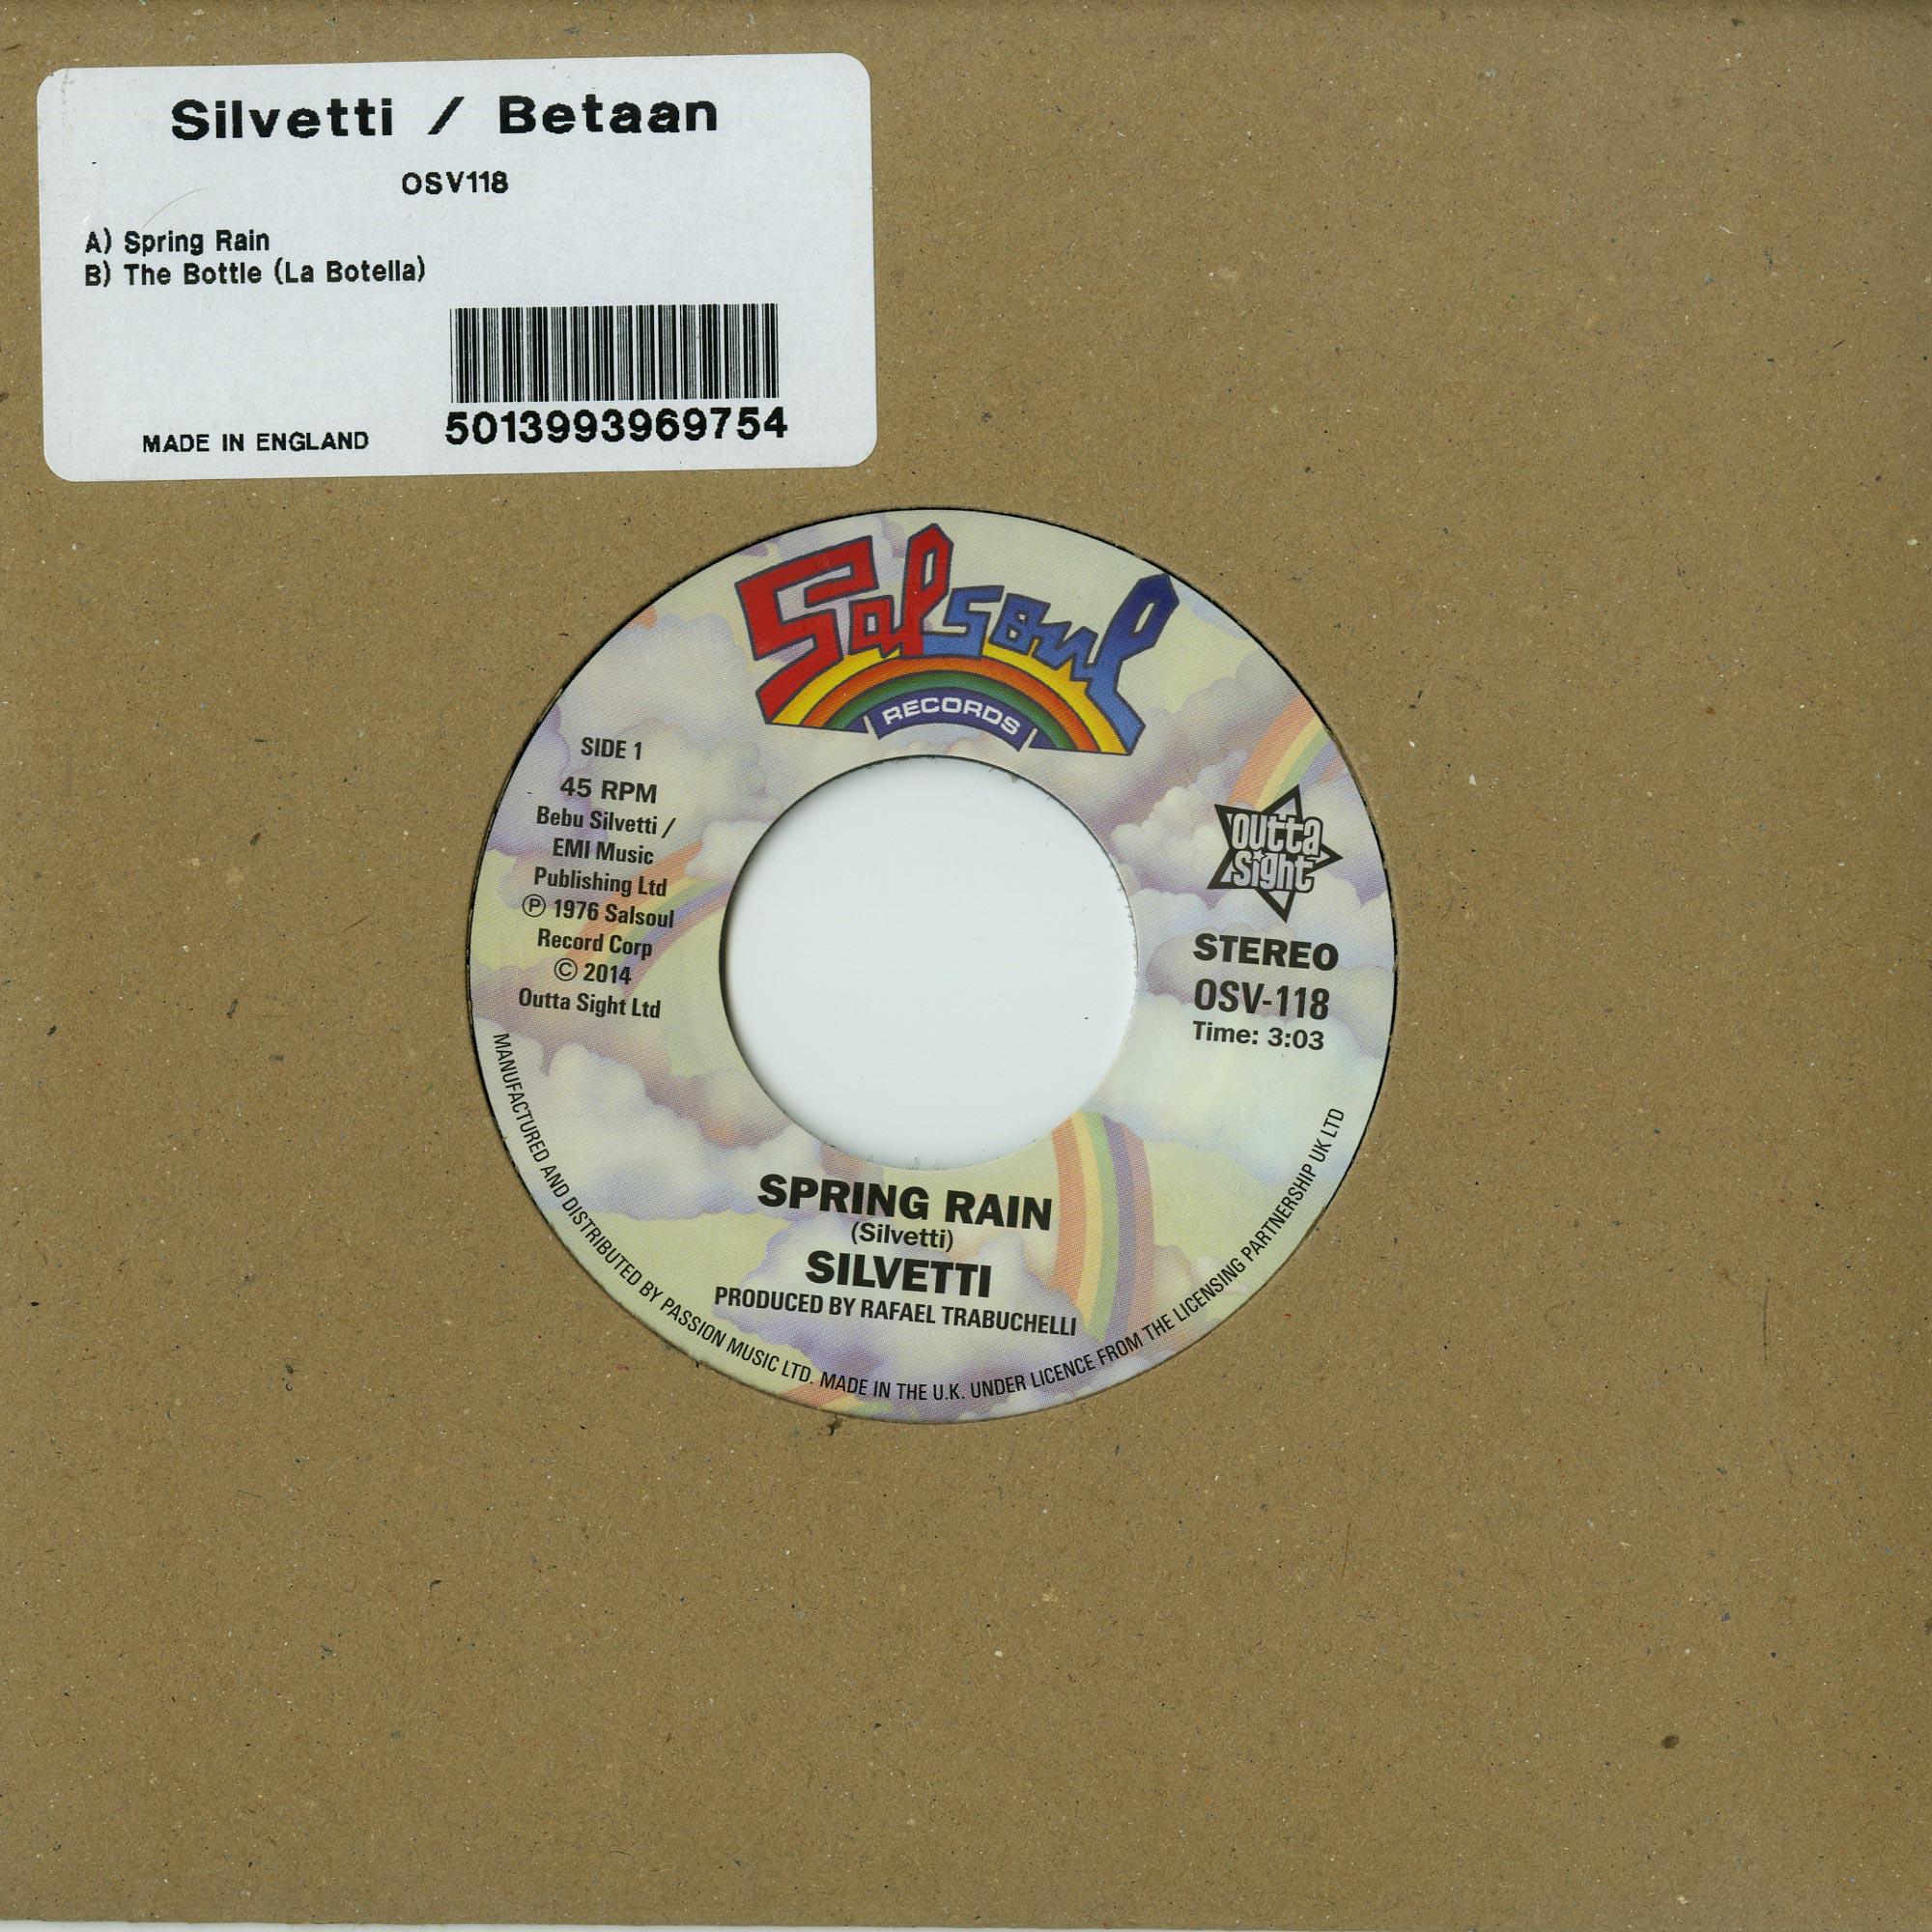 Silvetti / Bataan - SPRING RAIN/T HE BOTTLE